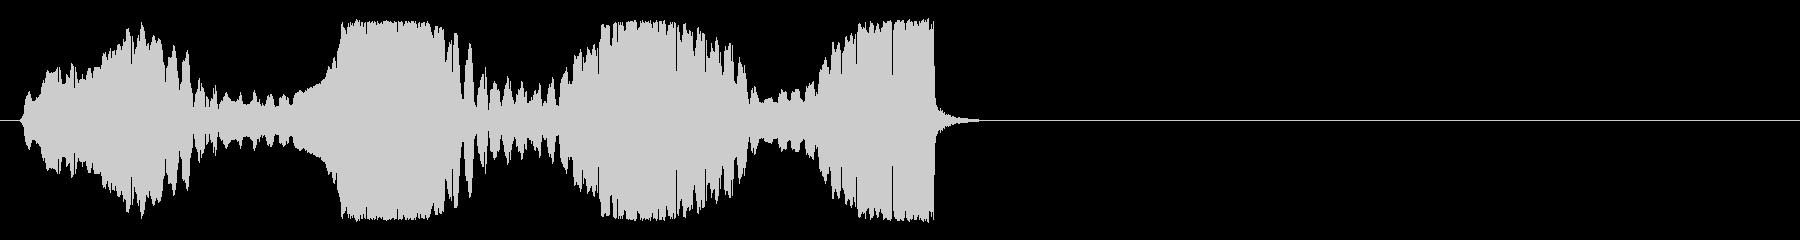 ミュートトランペット-ロング、ビル...の未再生の波形